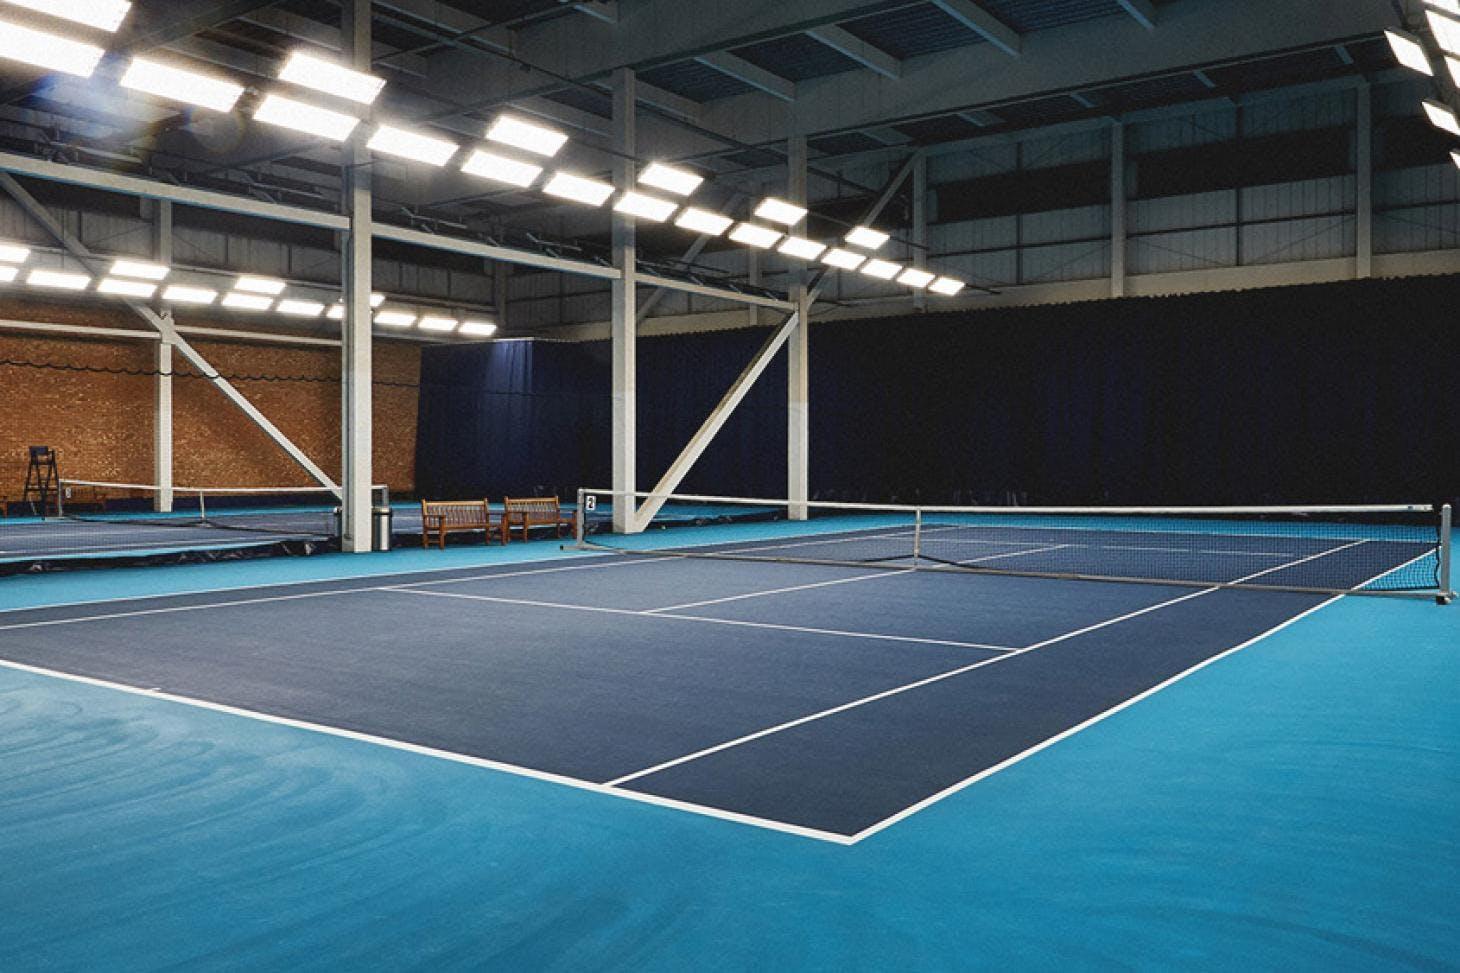 Chelsea Harbour Club Indoor tennis court